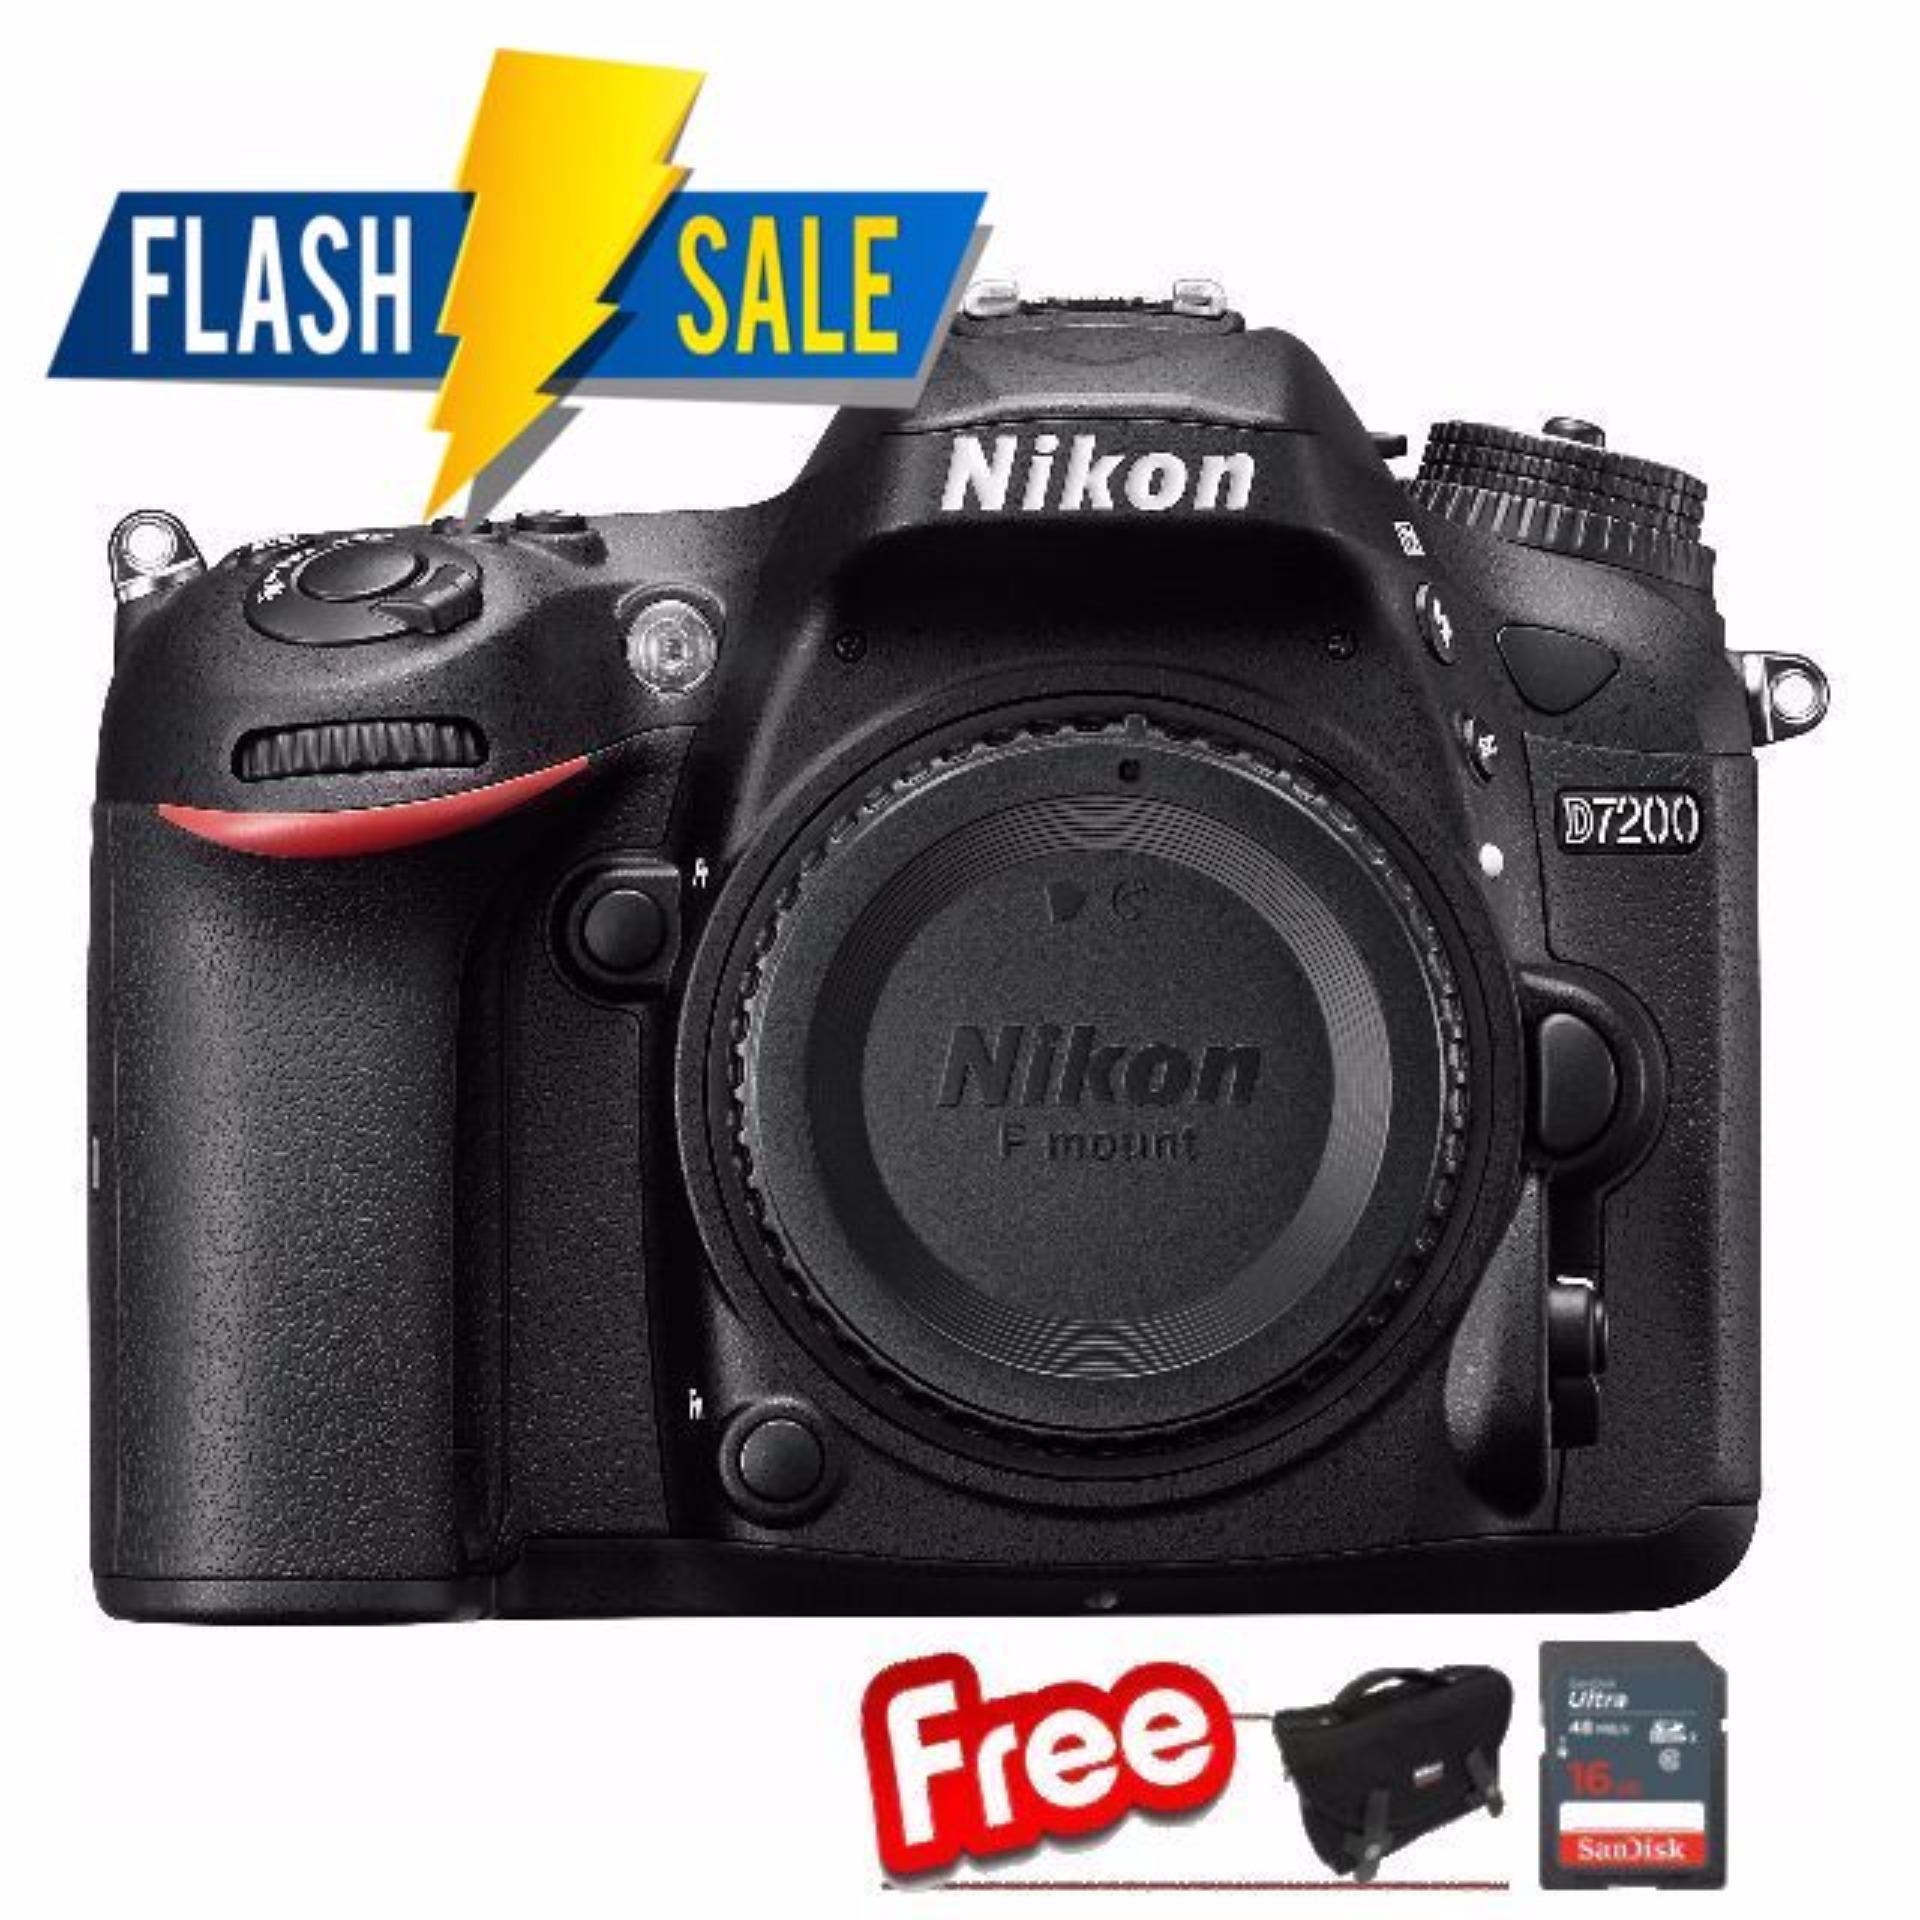 Nikon D7200 Body (Black)